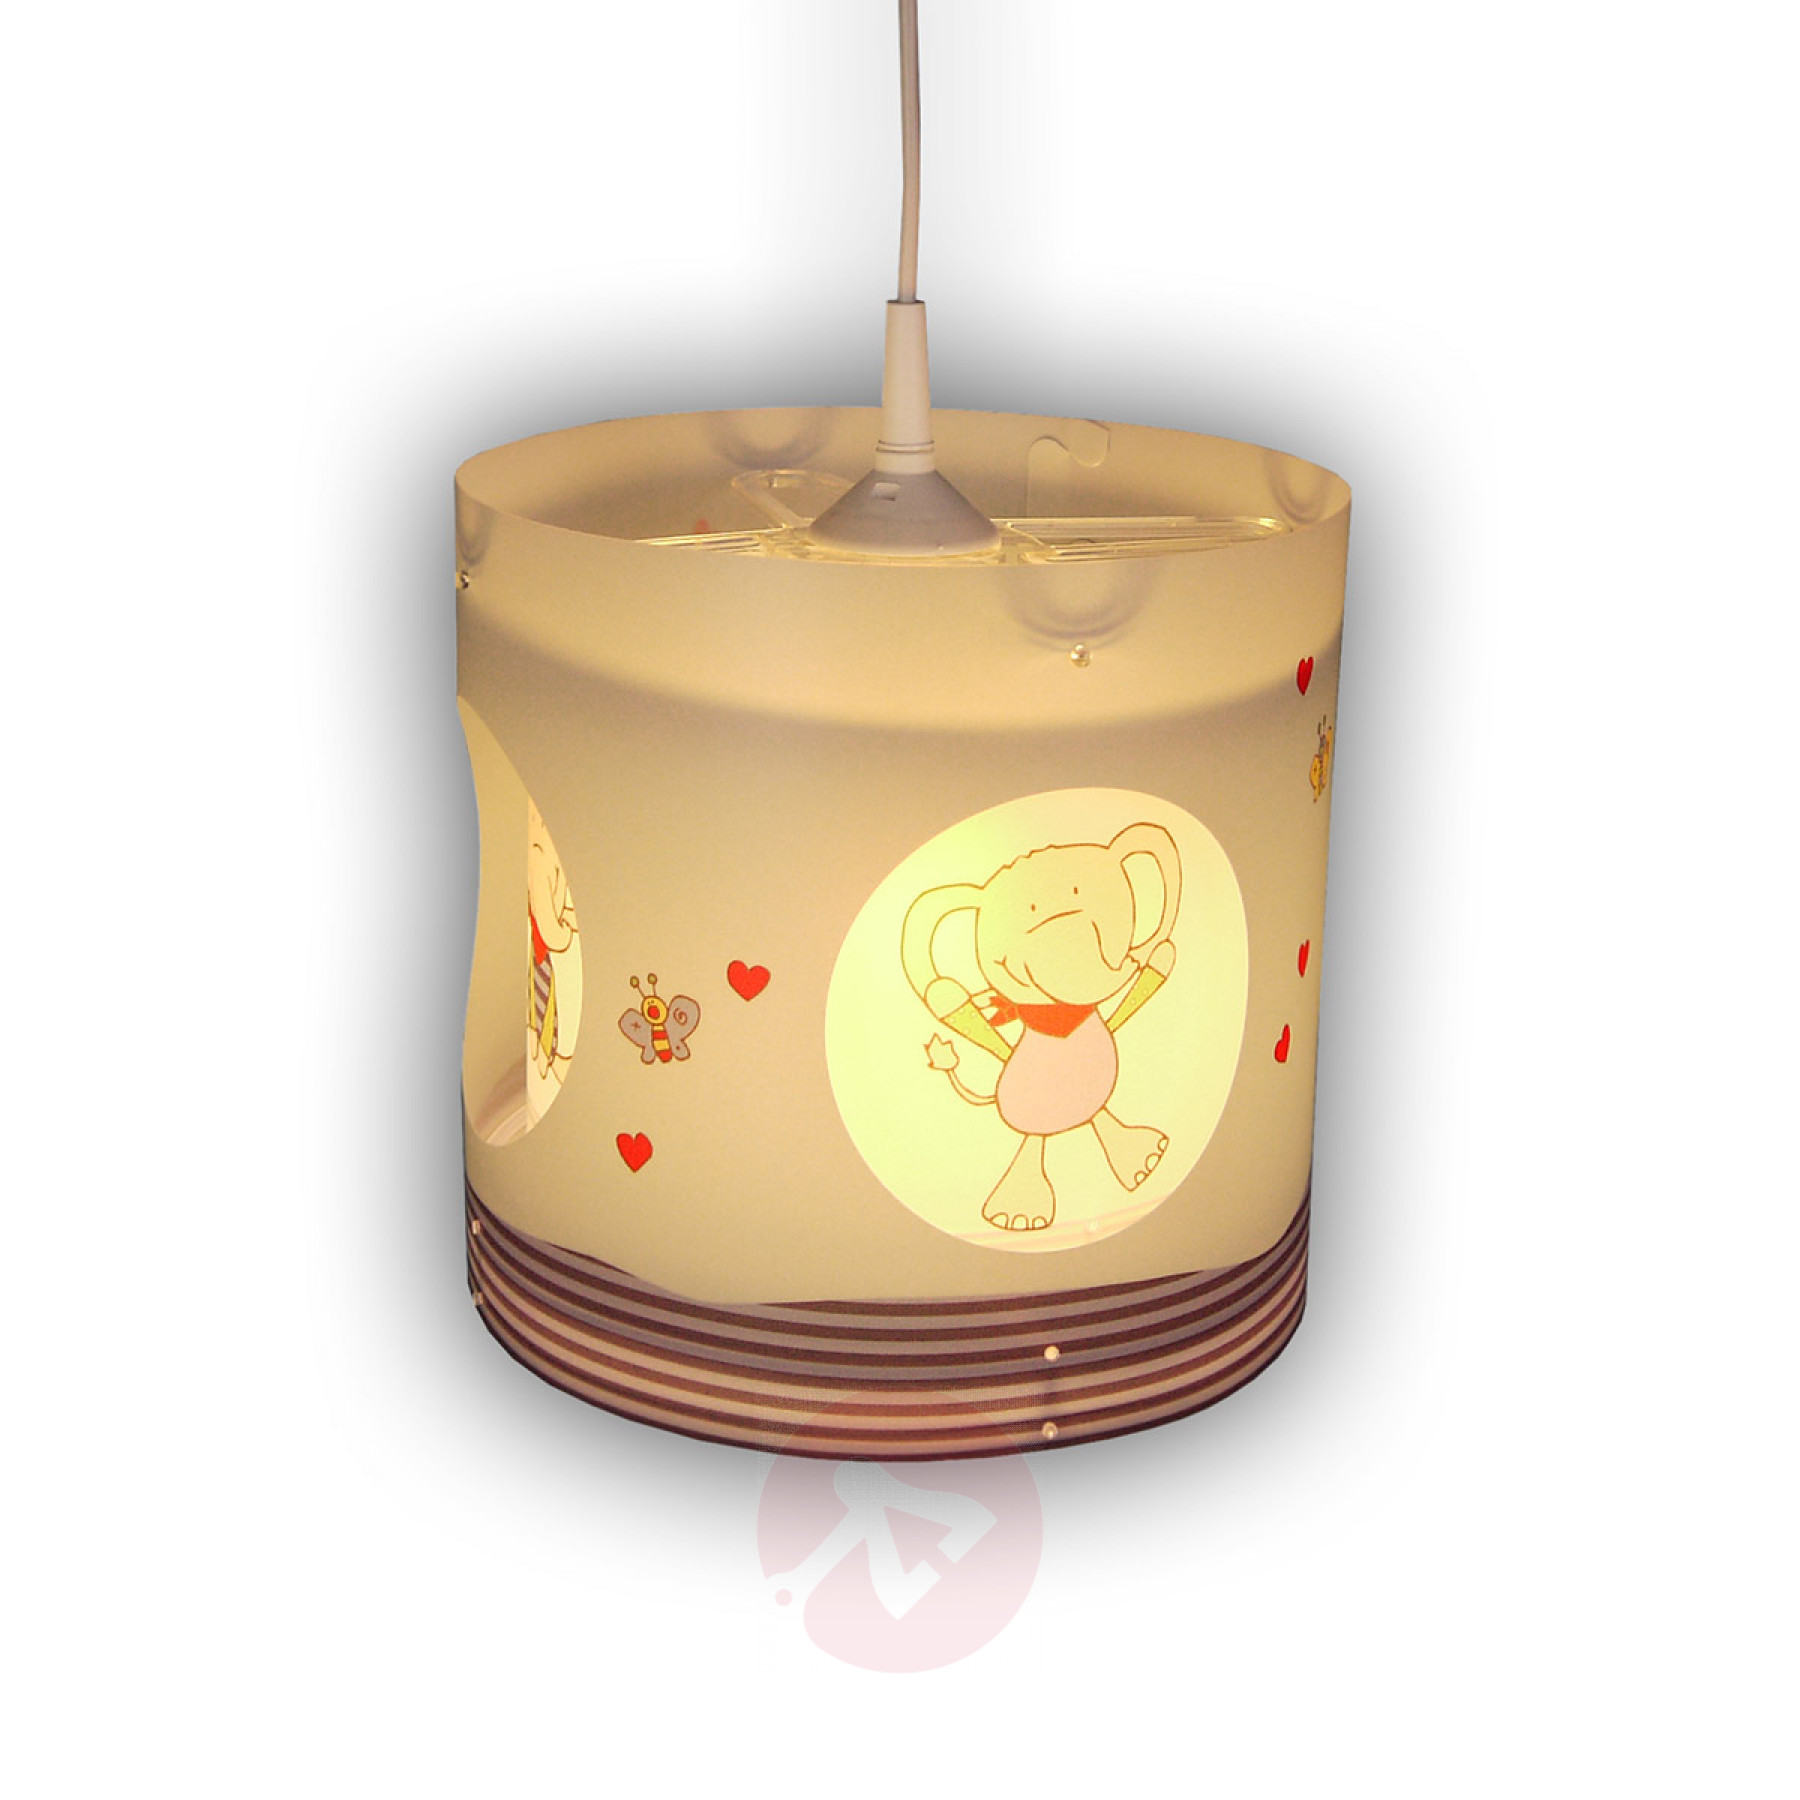 Full Size of Lampen Für Kinderzimmer Drehende Hngelampe Lolo Lombardo Kaufen Lampenweltde Deckenlampen Wohnzimmer Sofa Esszimmer Wickelbrett Bett Klimagerät Schlafzimmer Kinderzimmer Lampen Für Kinderzimmer